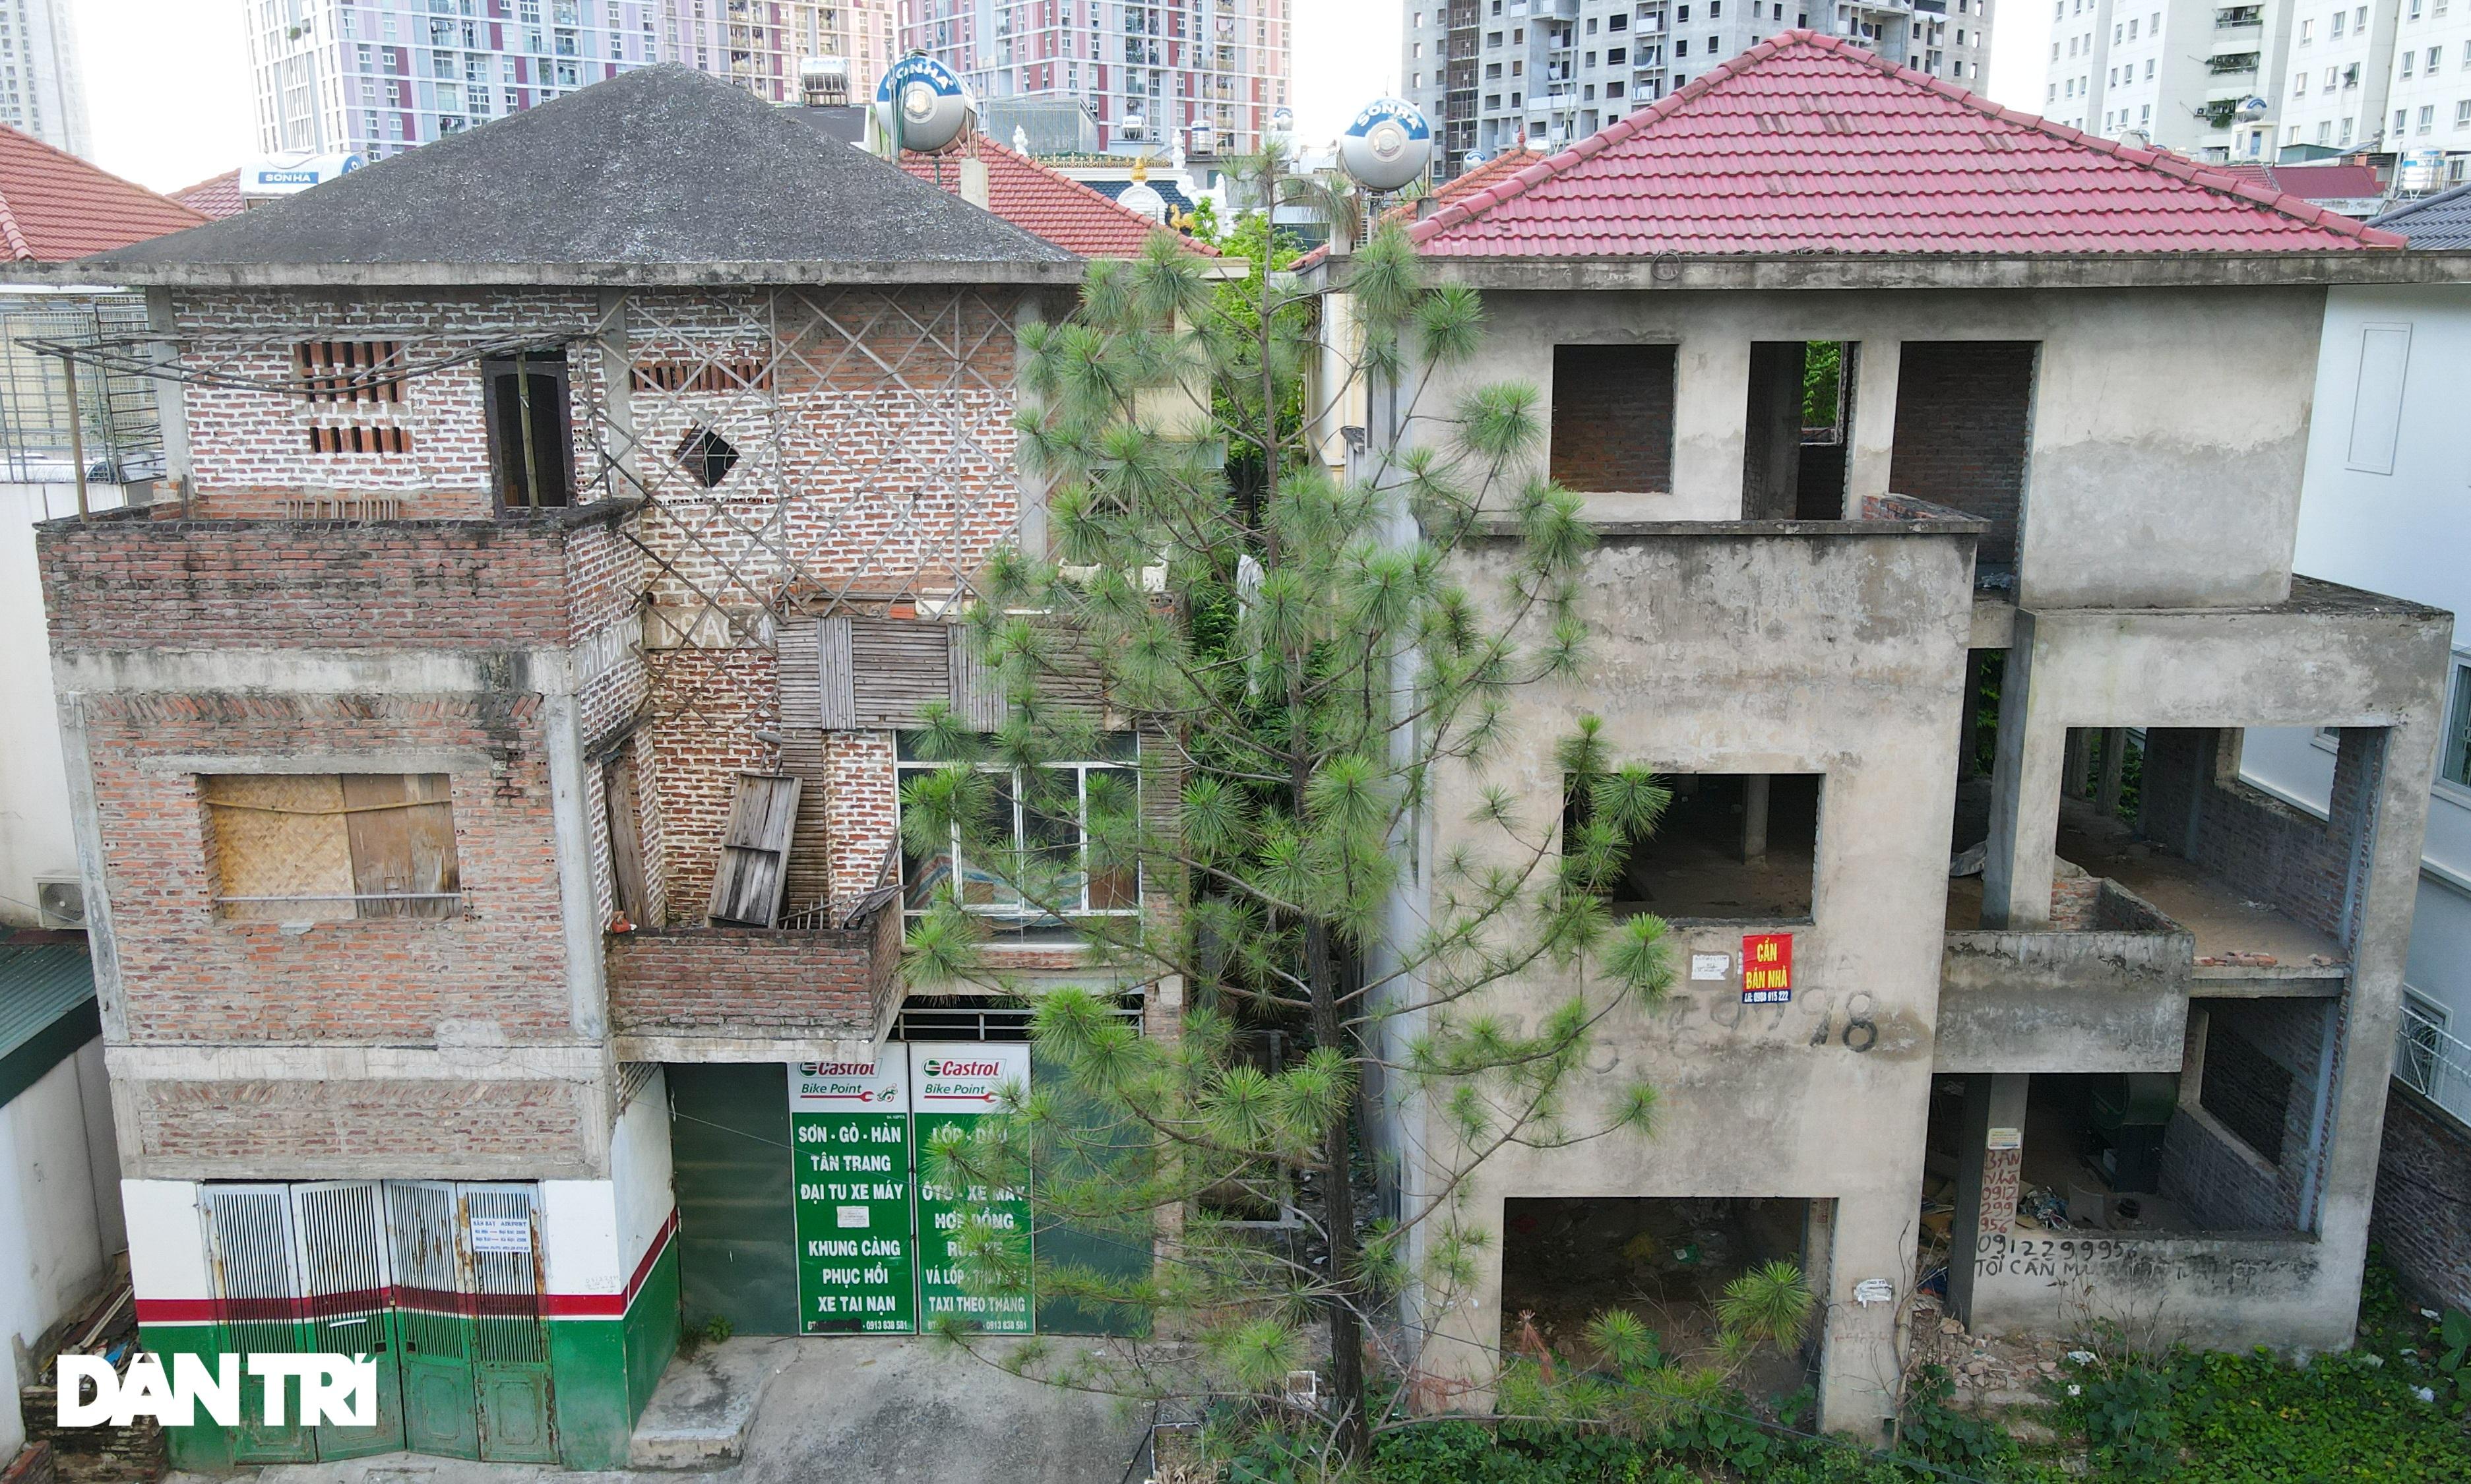 Khung cảnh hoang lạnh trong các biệt thự bỏ hoang giữa lòng Hà Nội - 9